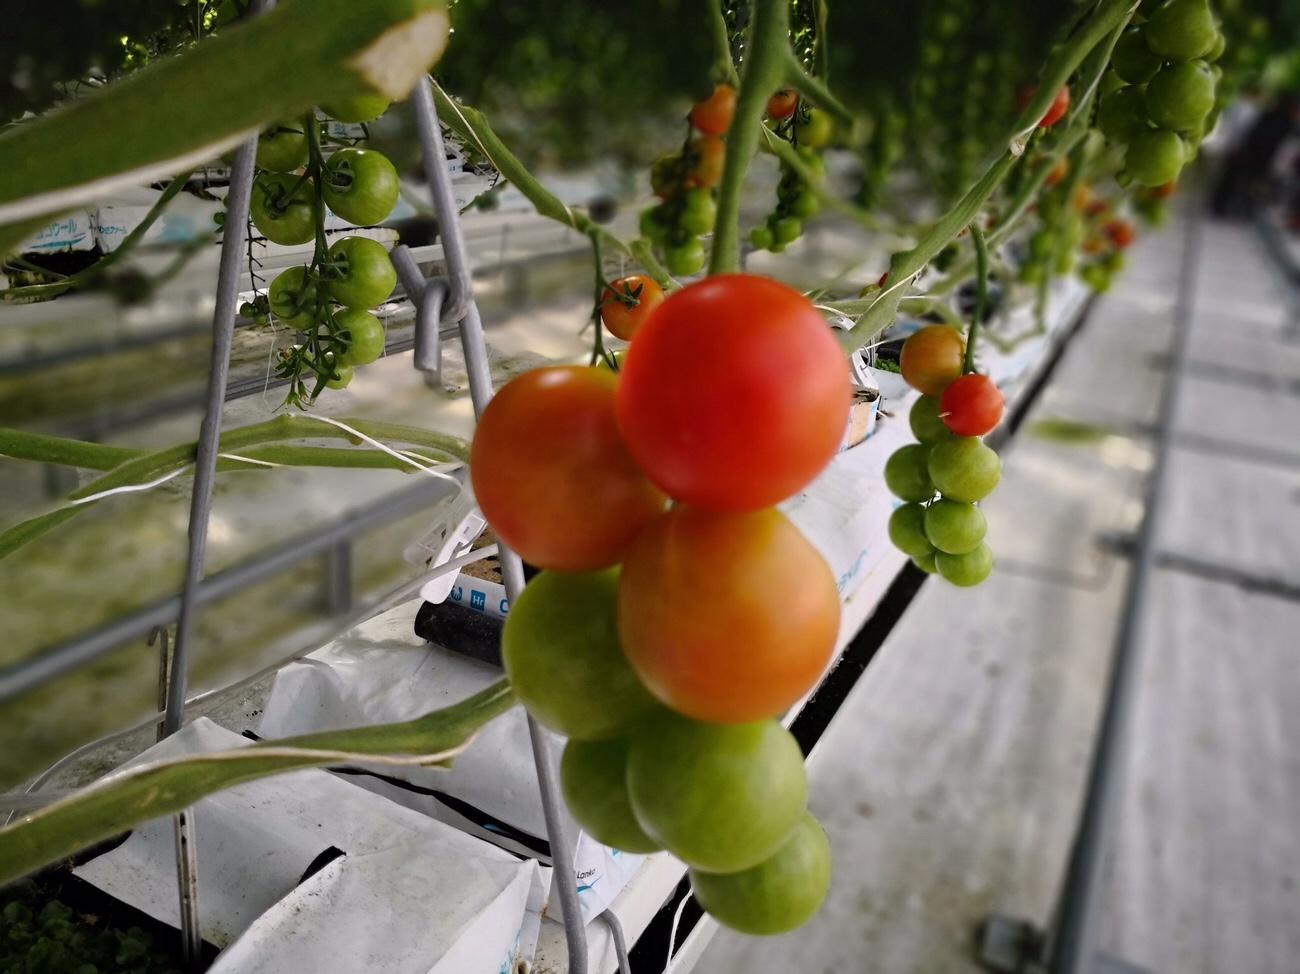 ワンダーファームのトマト